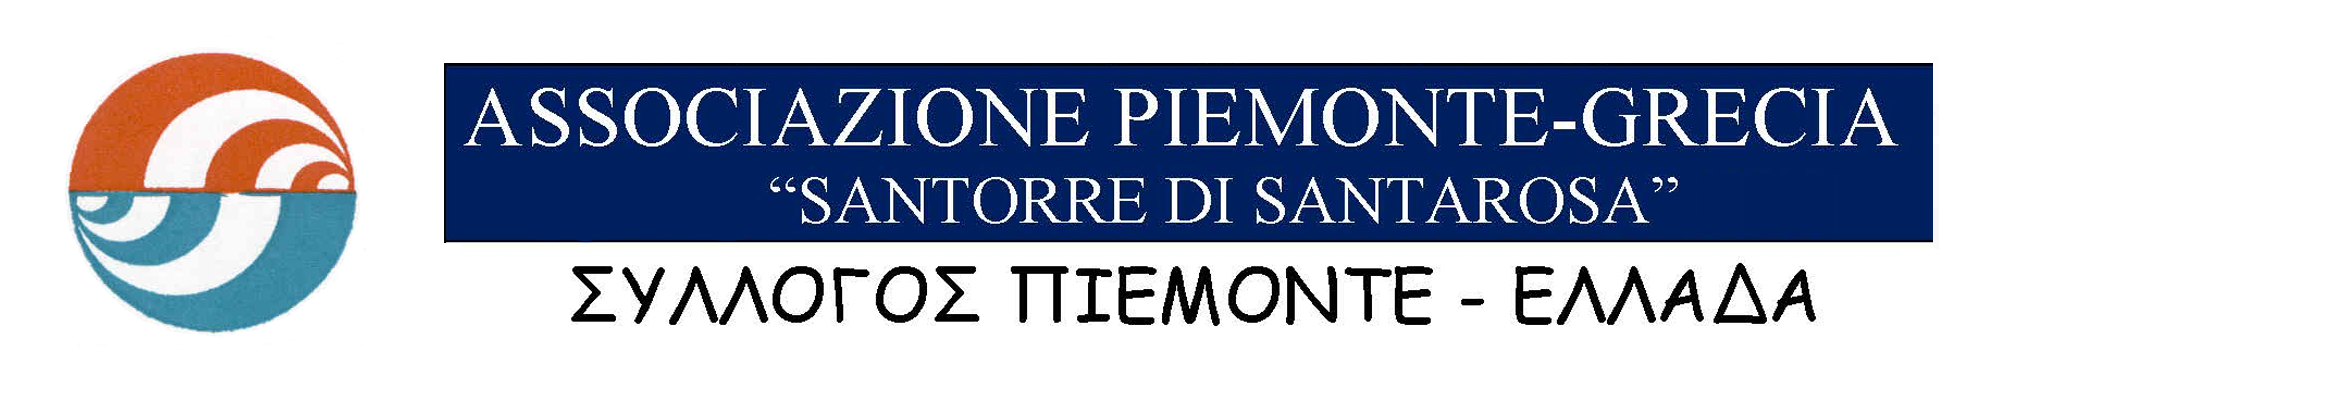 Associazione Piemonte-Grecia Logo